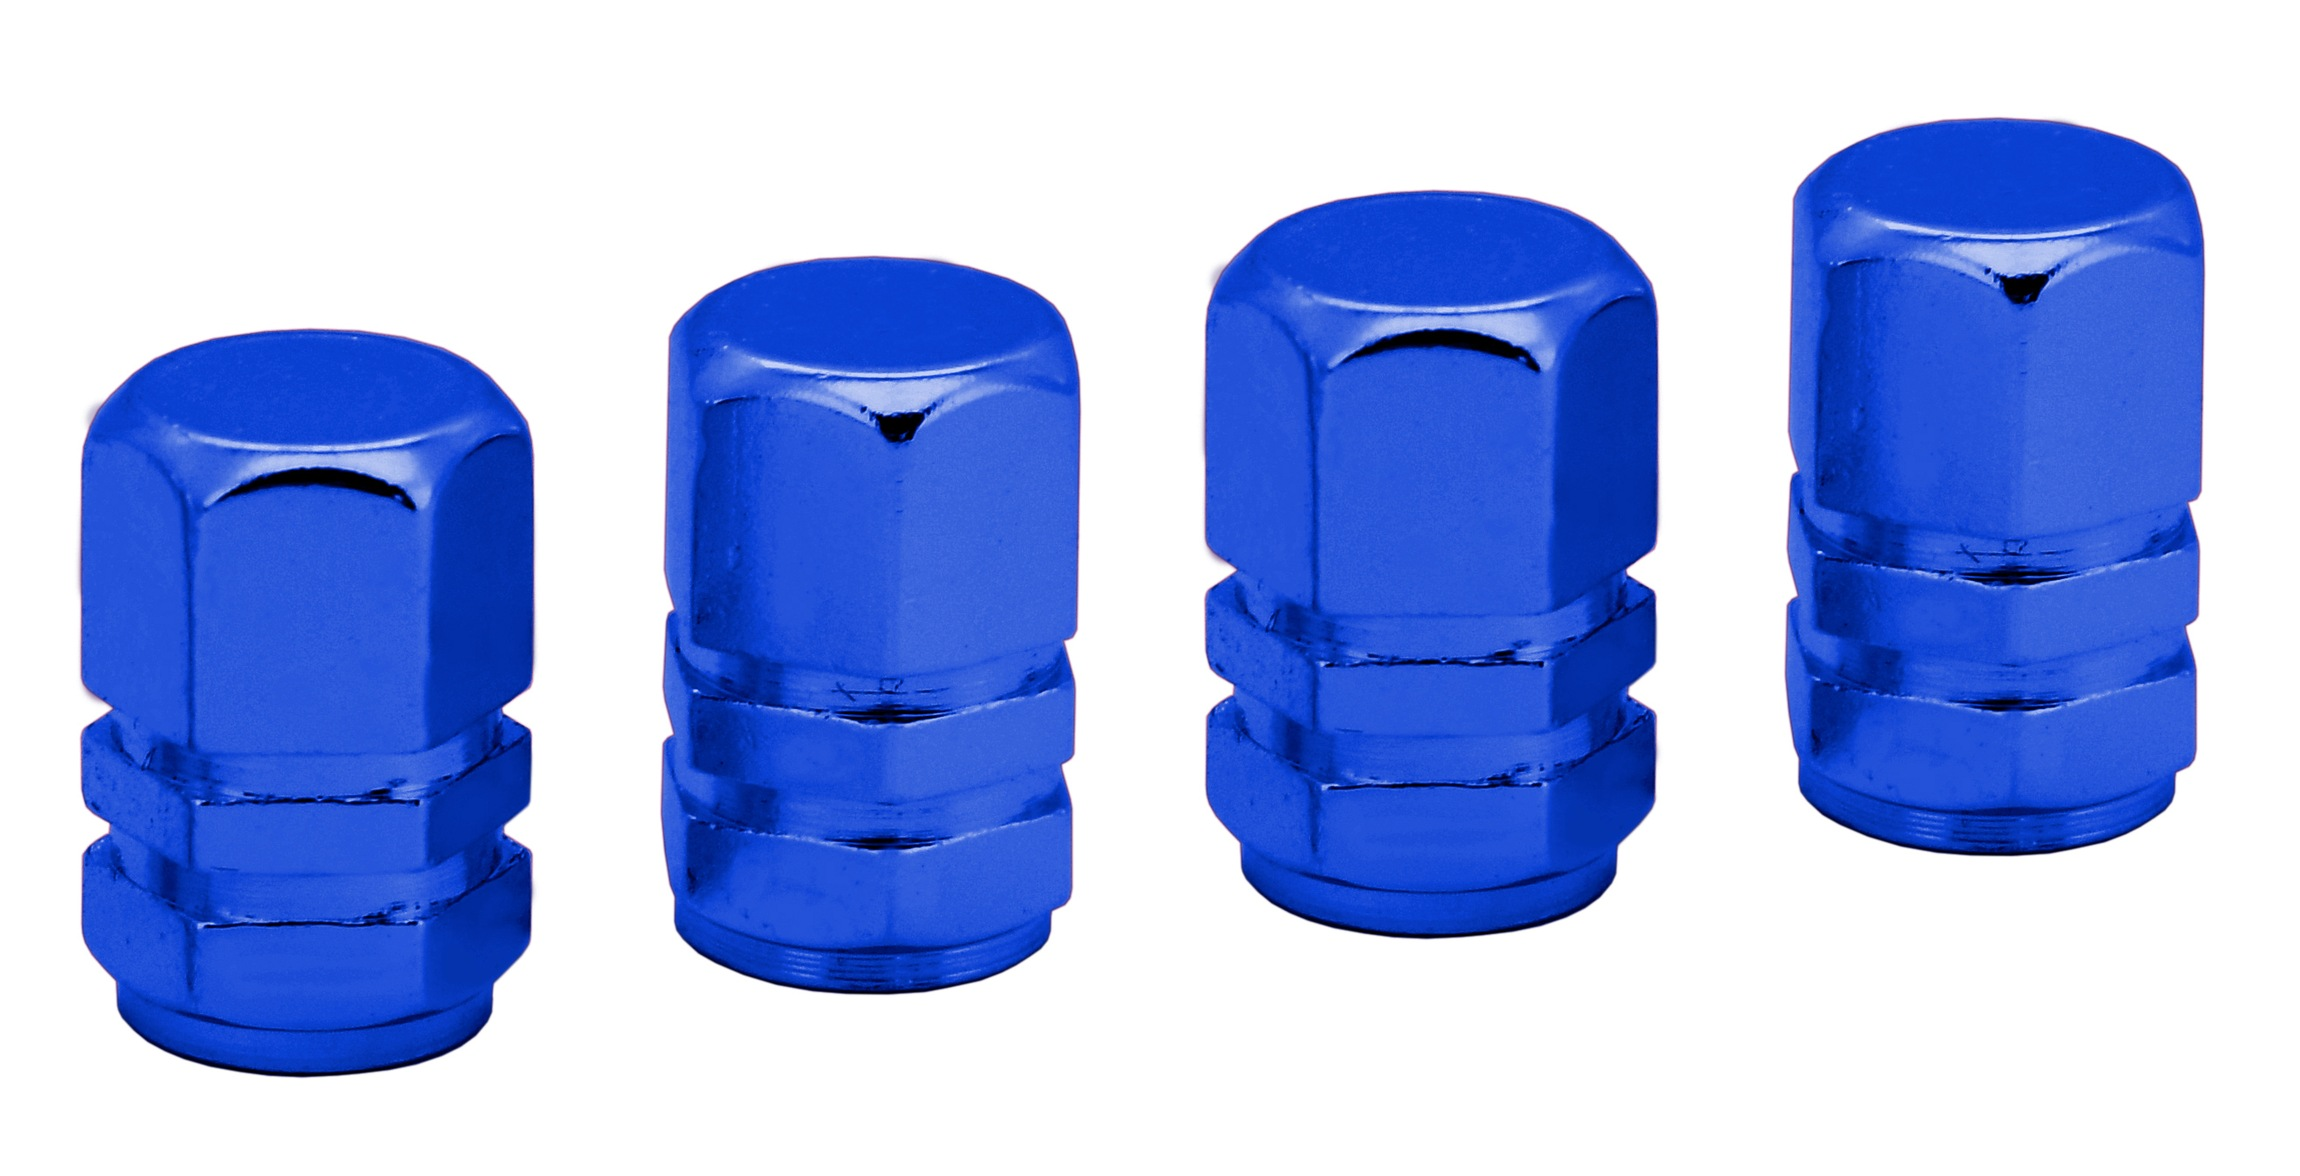 Ozdobné kryty ventilků modré 4ks